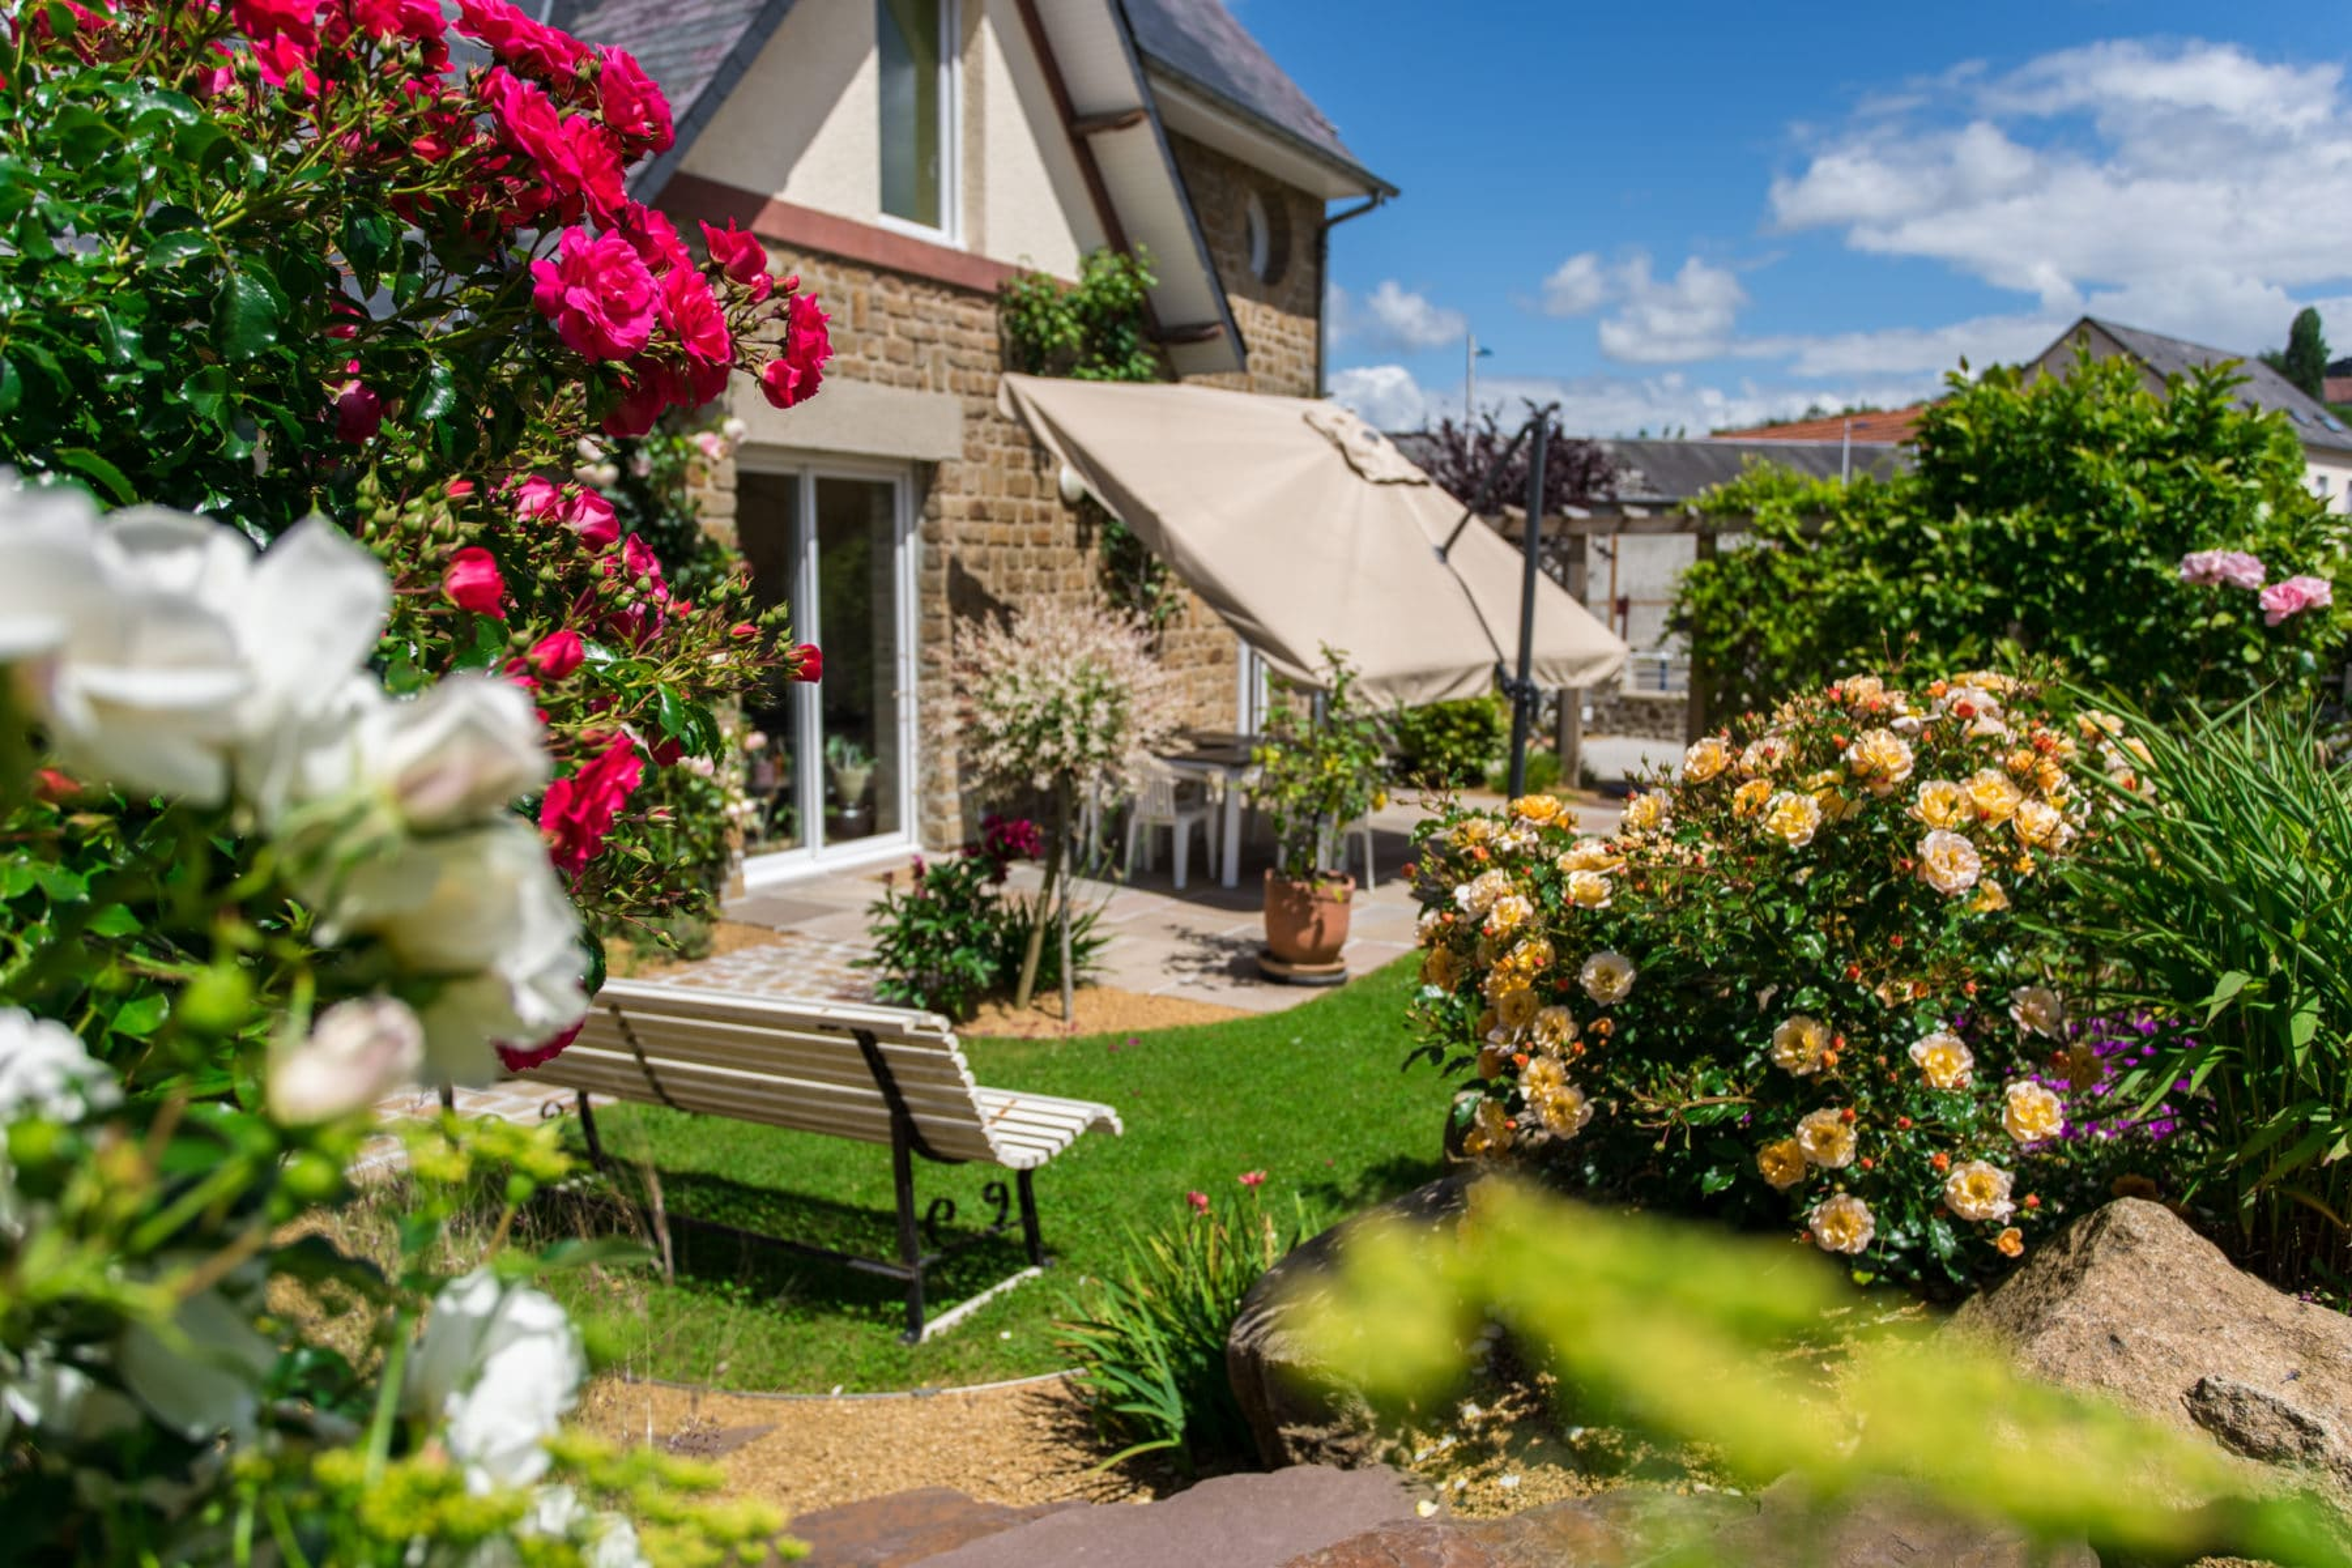 Aménagement de jardin naturel au coeur du centre ville de Vire, Calvados